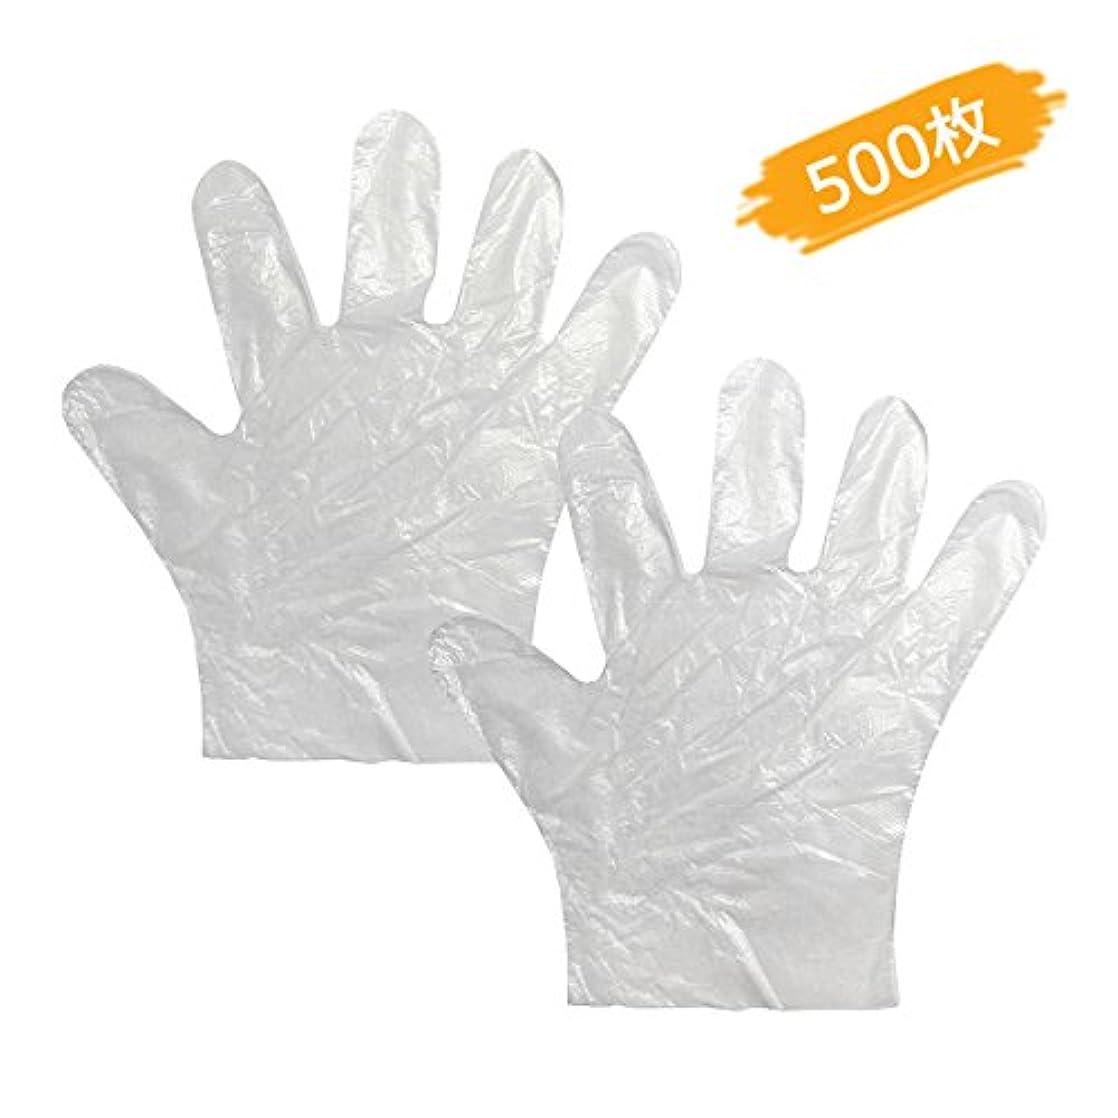 曲げるアクロバットパートナー使い捨て手袋 極薄ビニール手袋 調理 透明 実用 衛生 500枚入